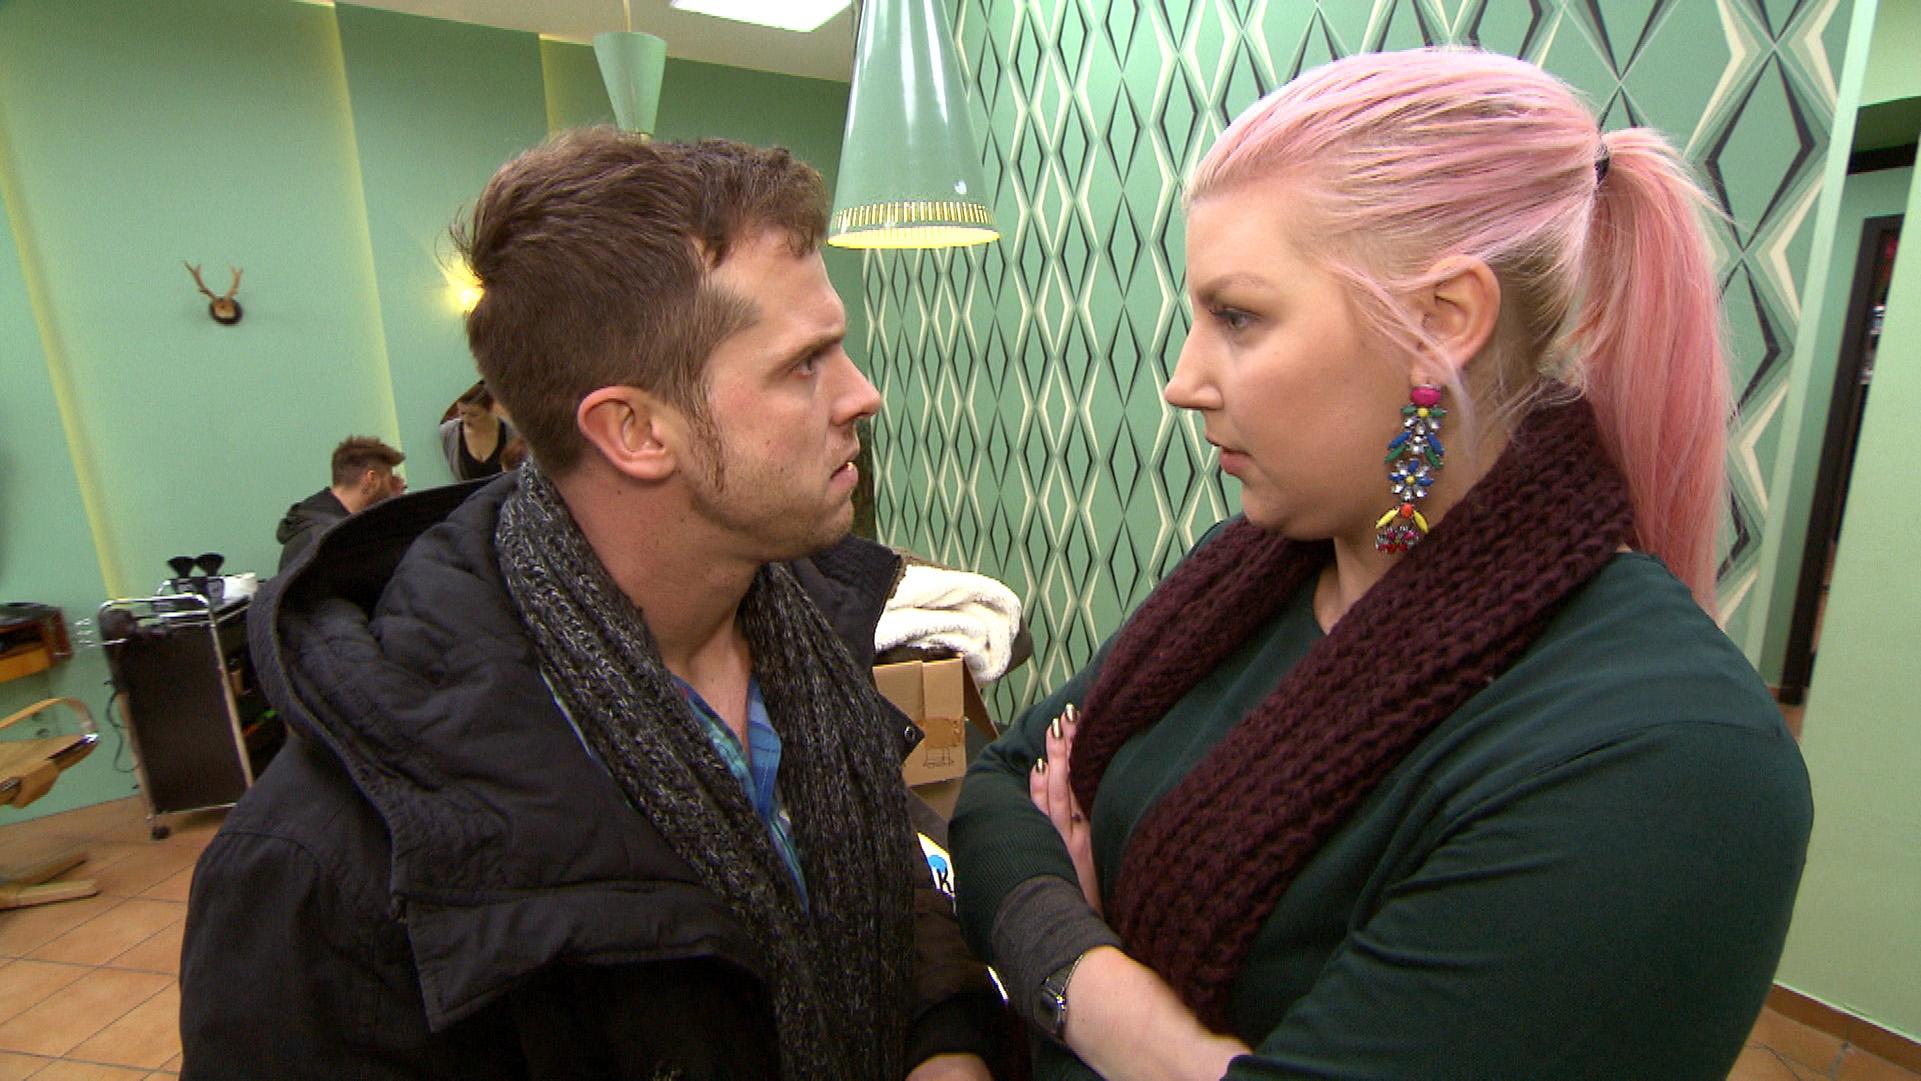 Das Streitlisten-Ultimatum geht dem Ende entgegen, und alles deutet darauf hin, dass Paula und Basti den Test bestehen...(Quelle: RTL 2)